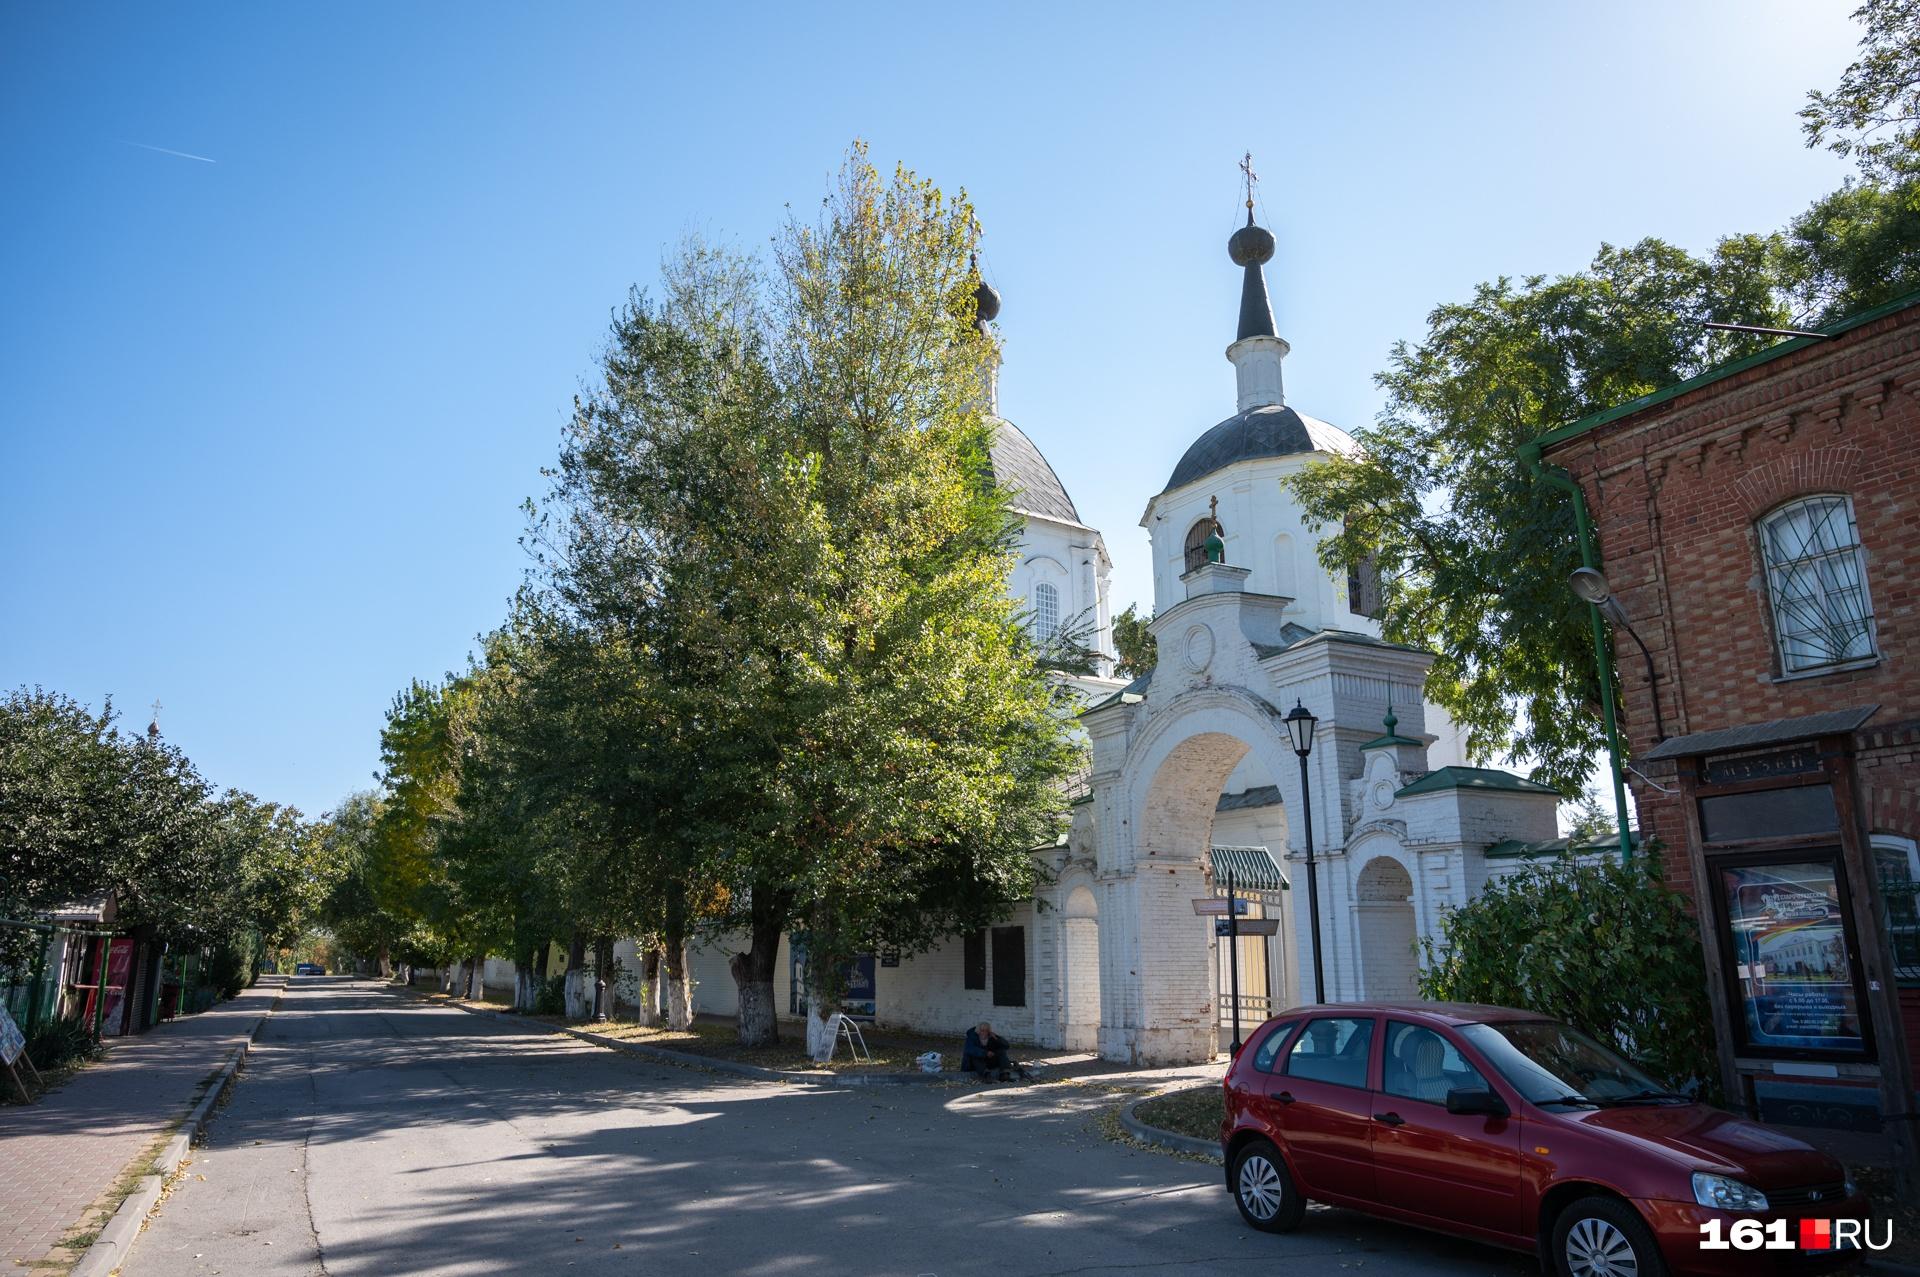 Старочеркасск входит в туристический справочник ЮНЕСКО